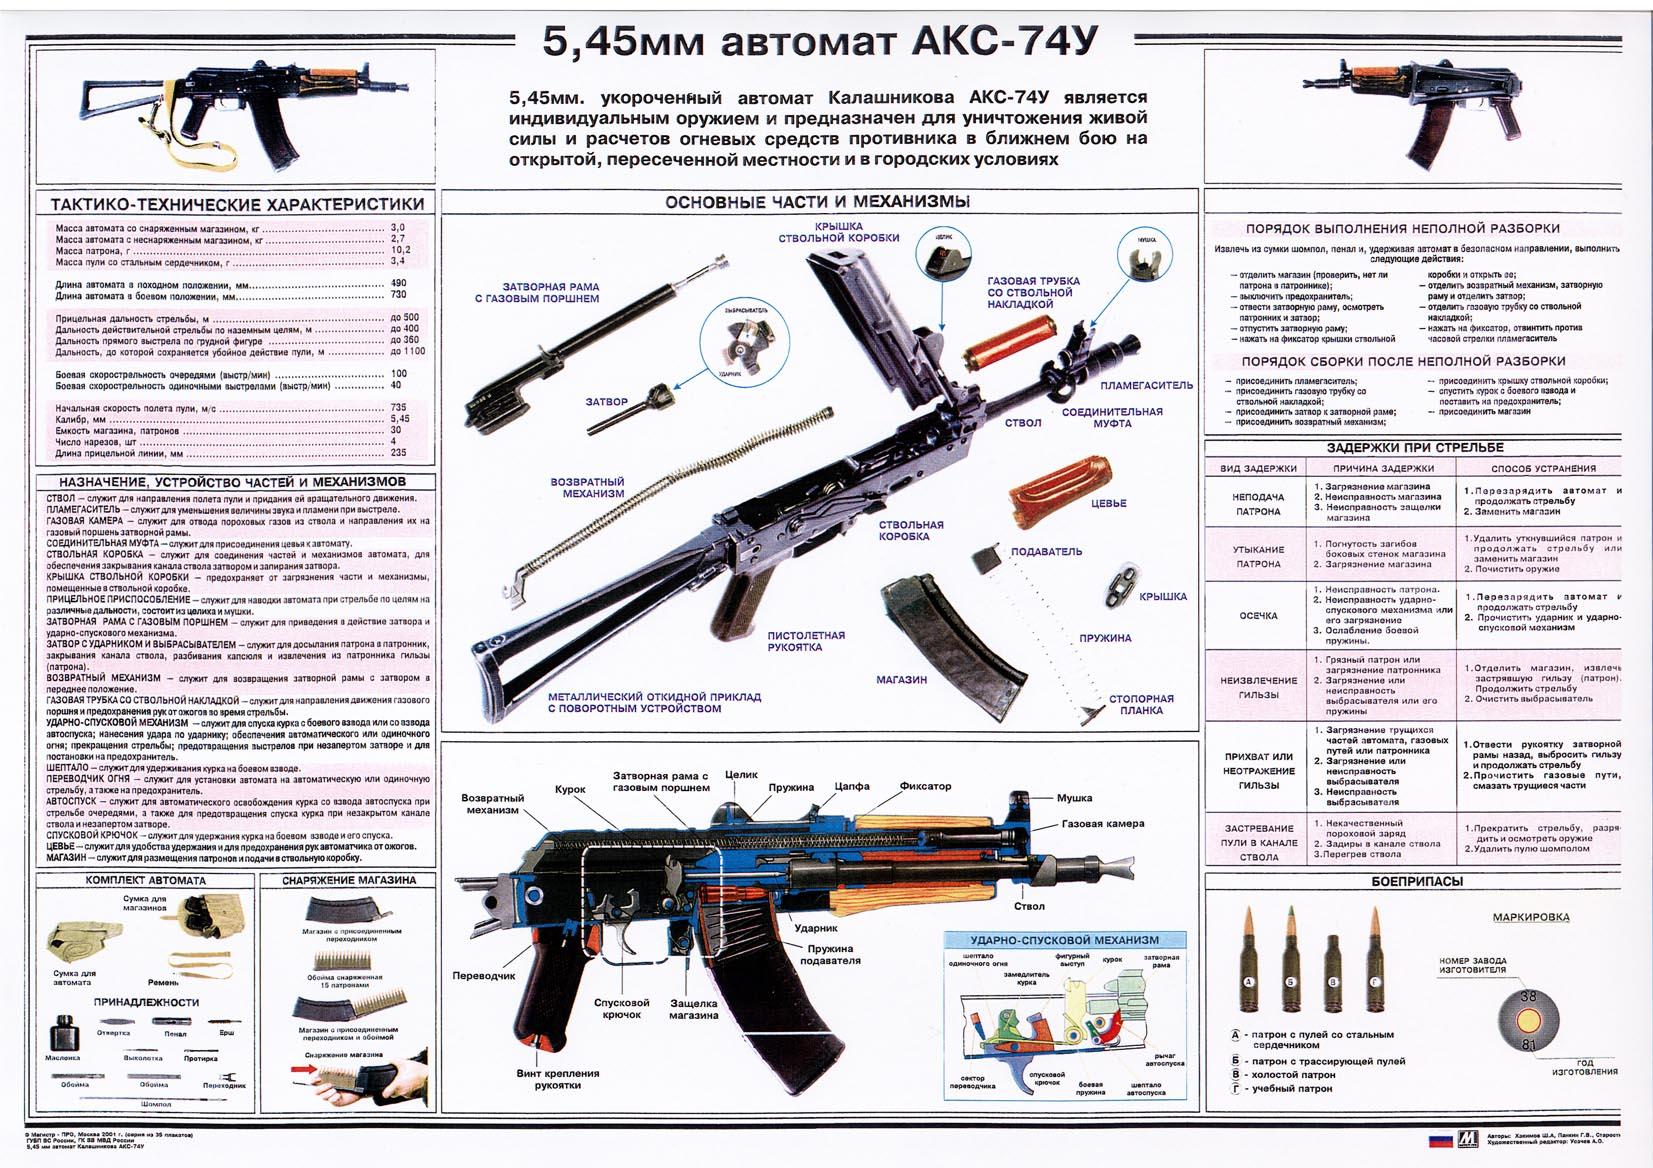 Automatic file-74U